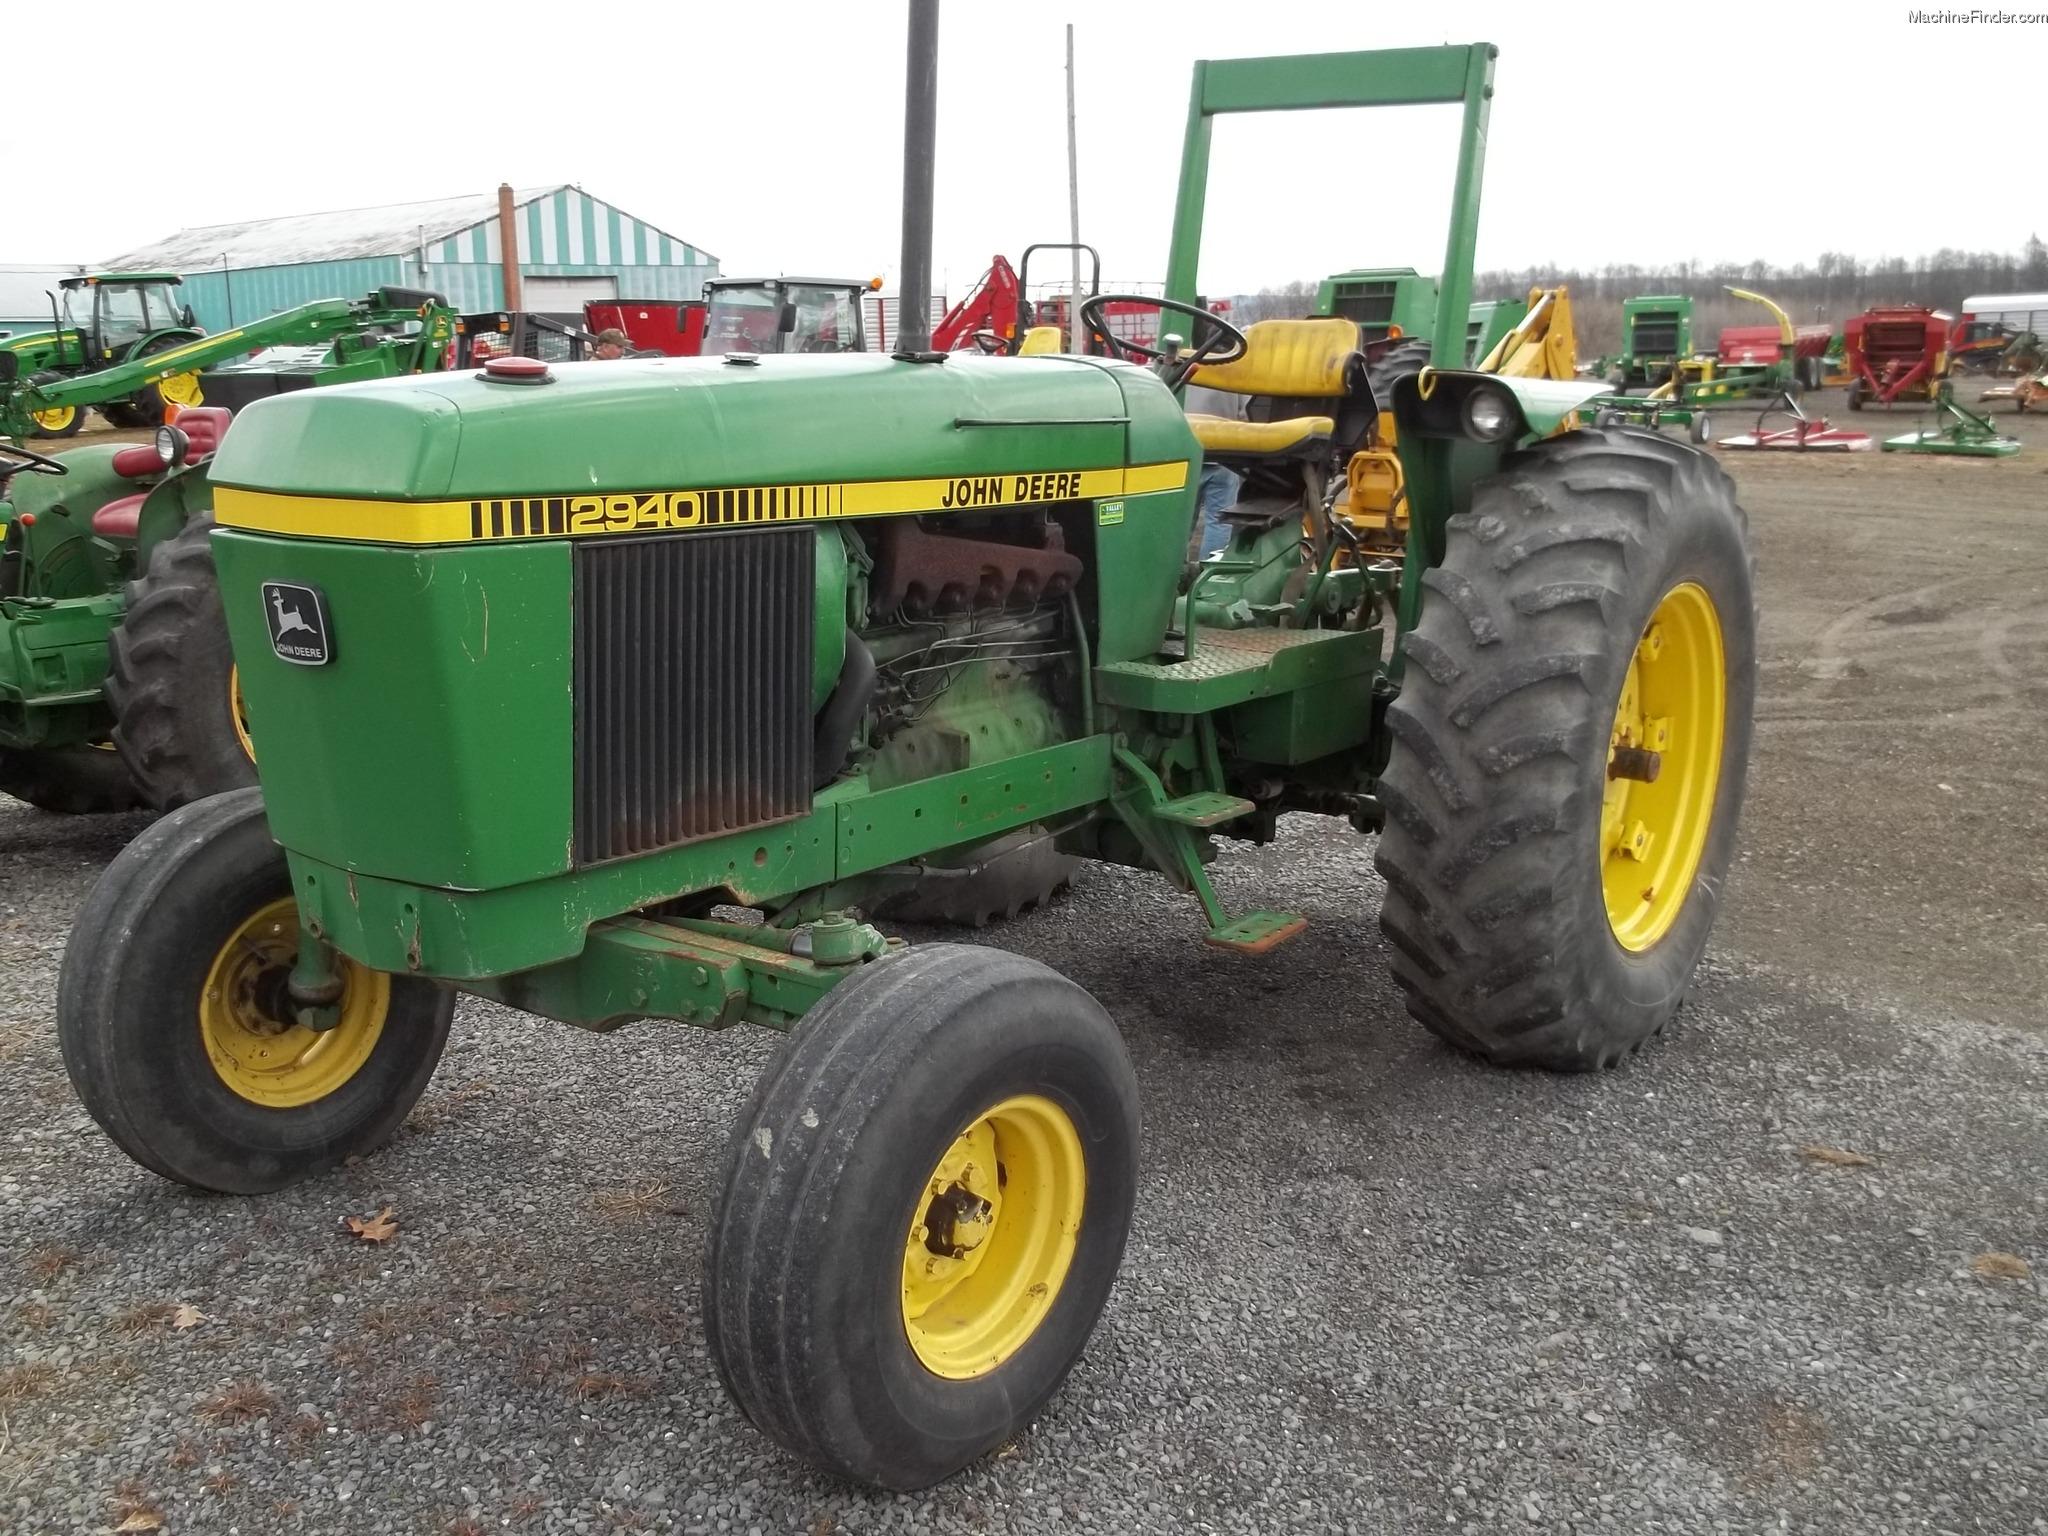 1982 John Deere 2940 Tractors - Row Crop (+100hp) - John ...